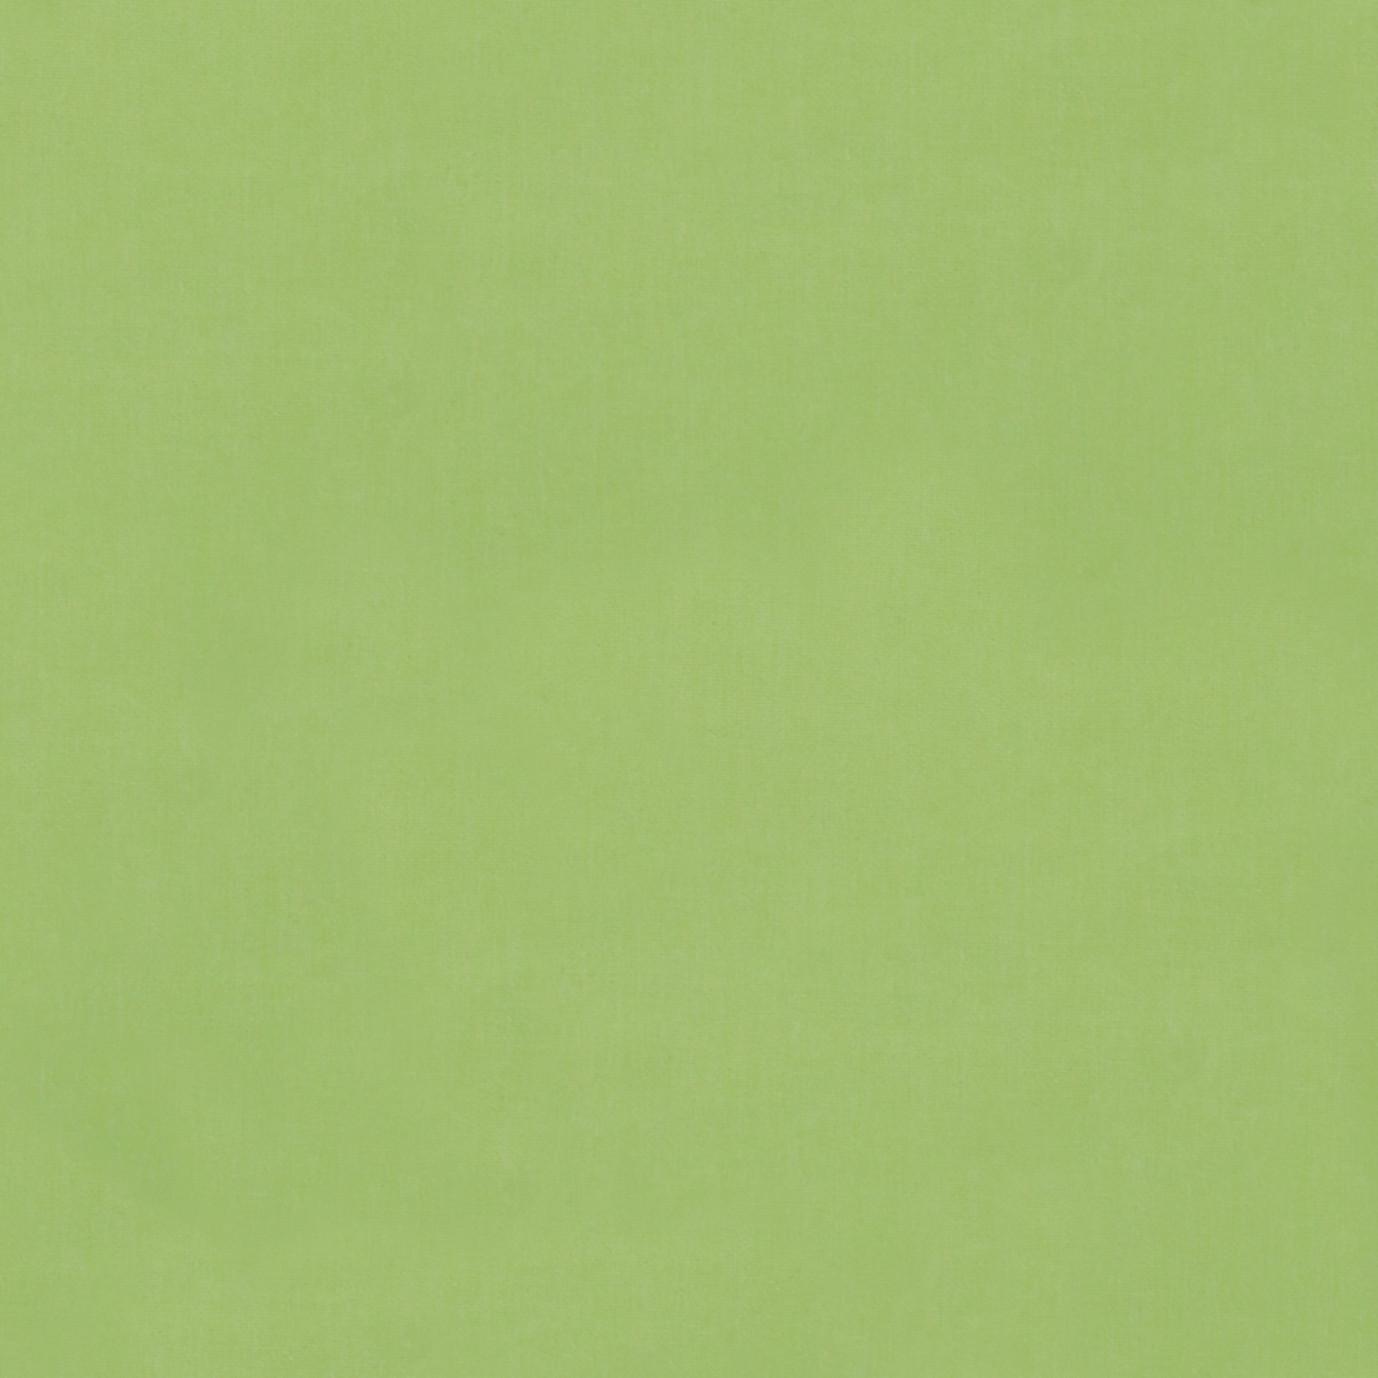 Cannes™ Club Ottomans - Ginkgo Green